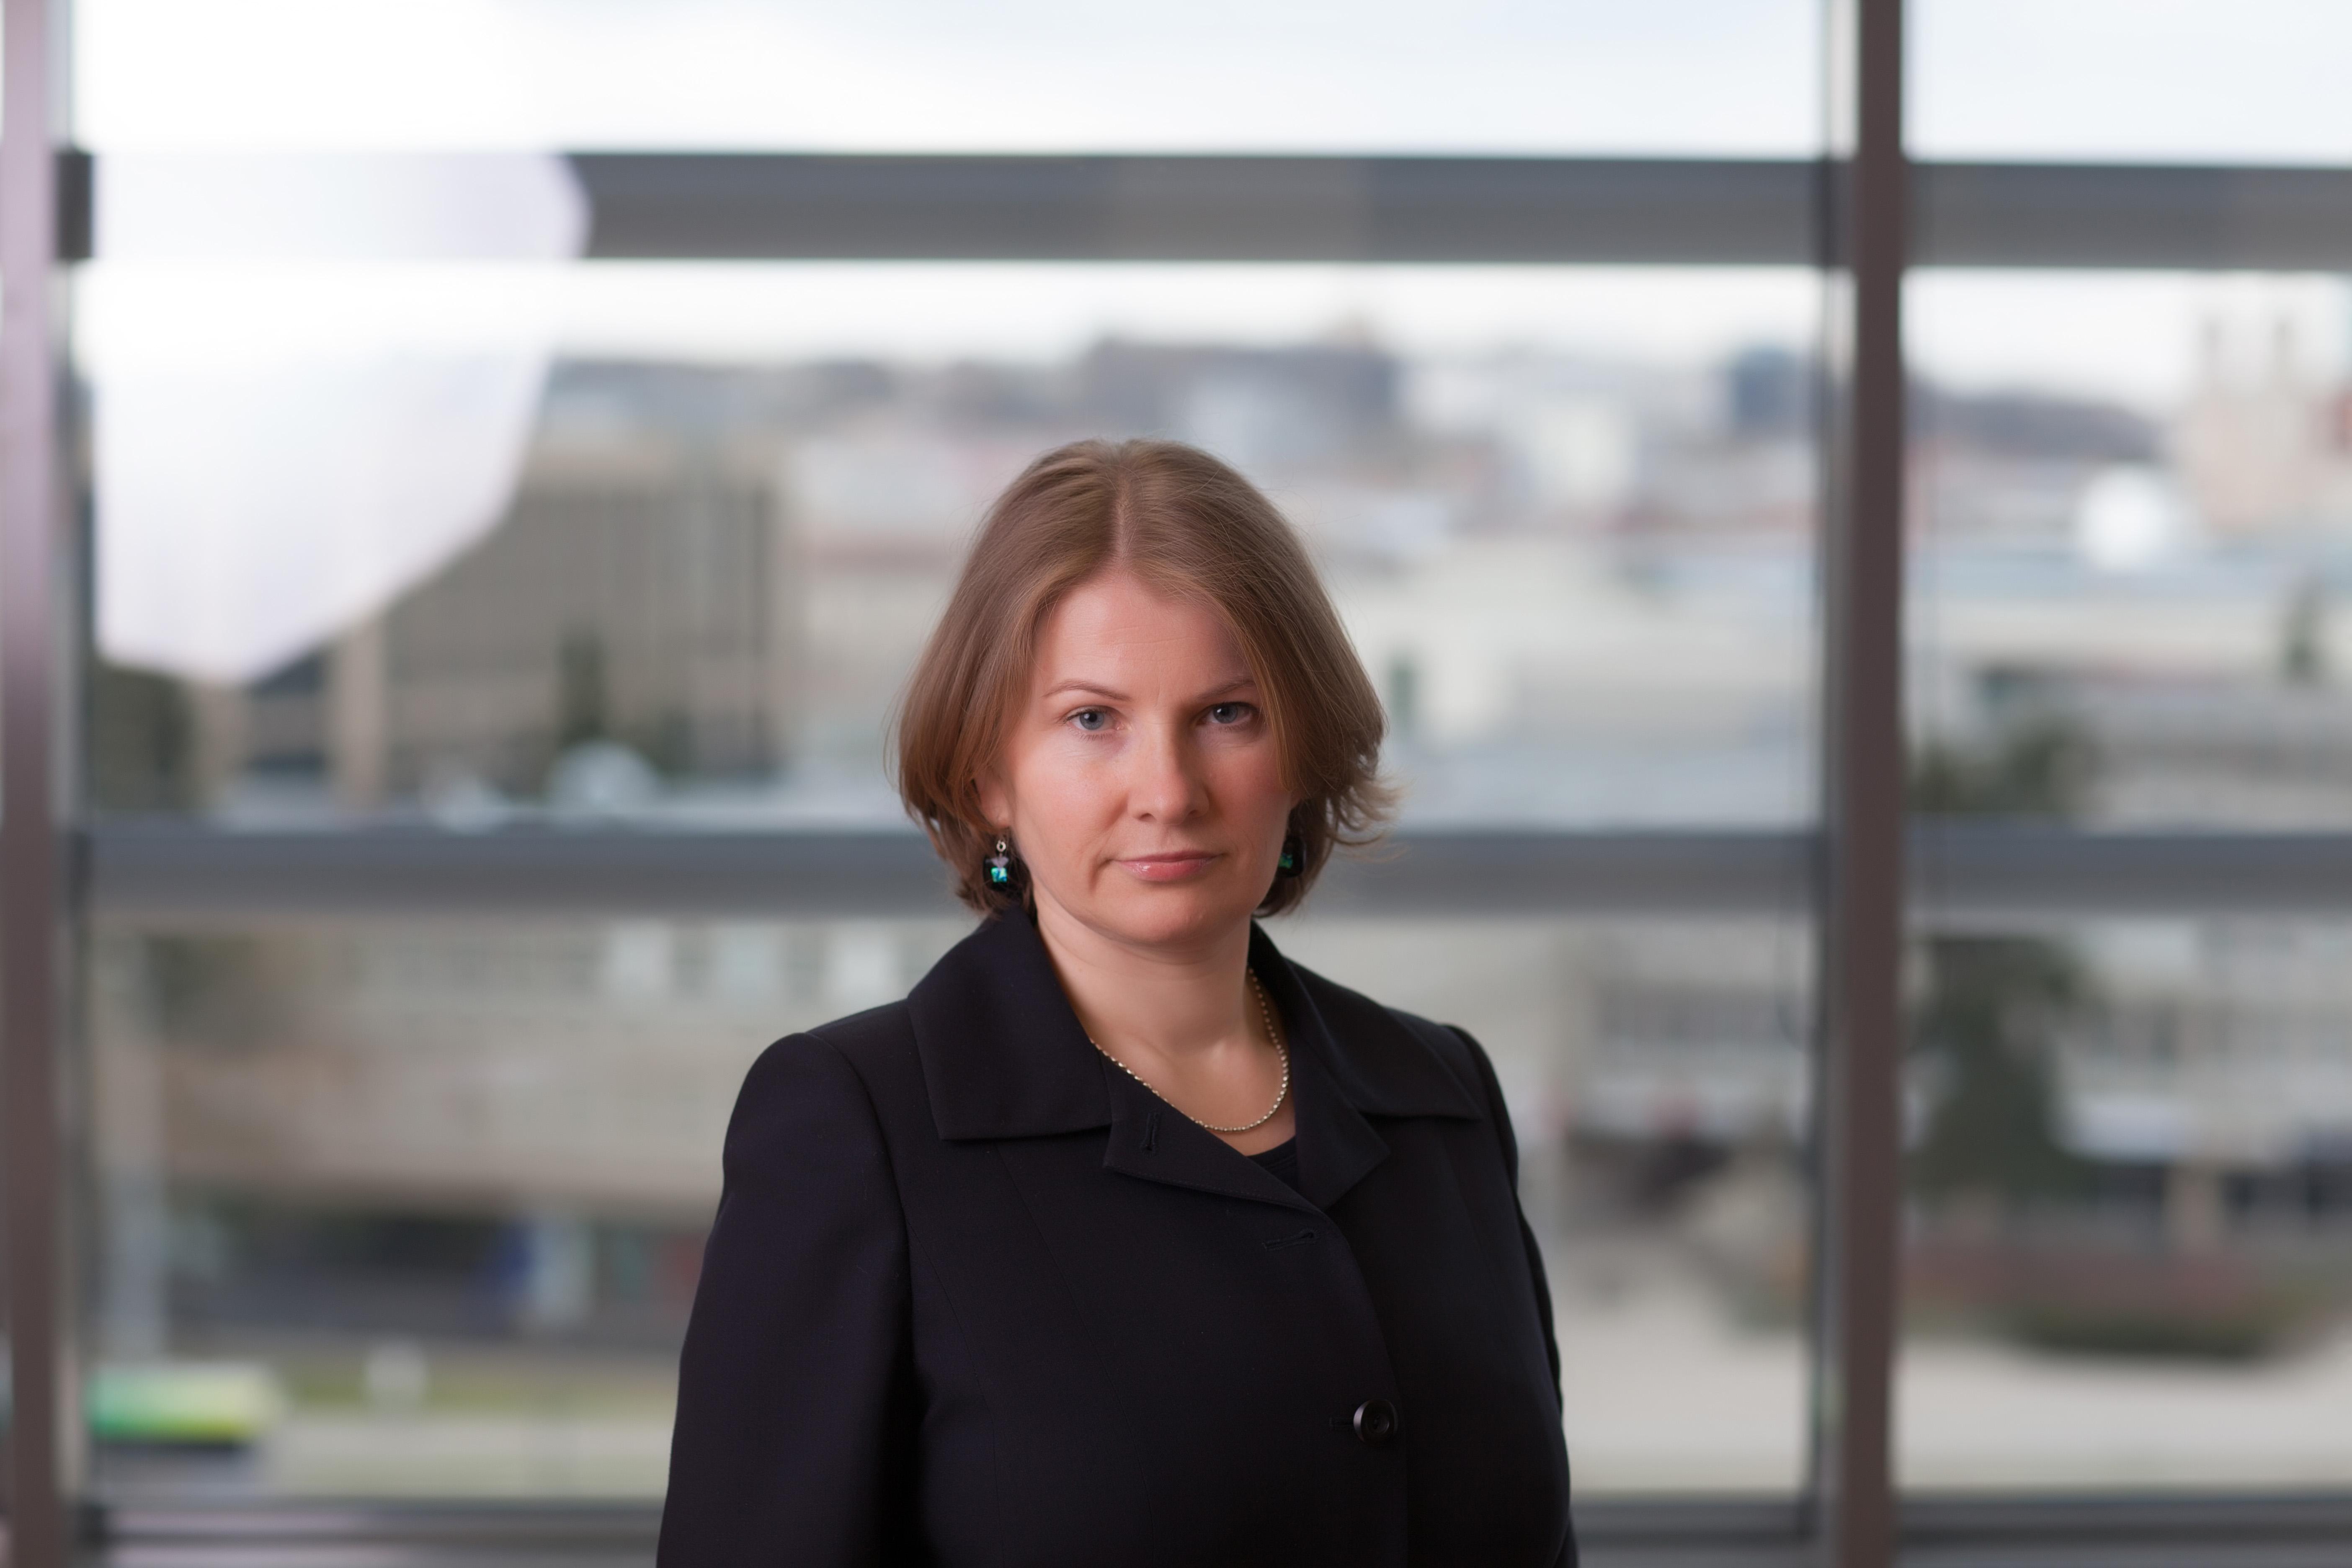 VLK Sveikatos priežiūros įstaigų aprūpinimo skyriaus vedėja Lina Reinartienė